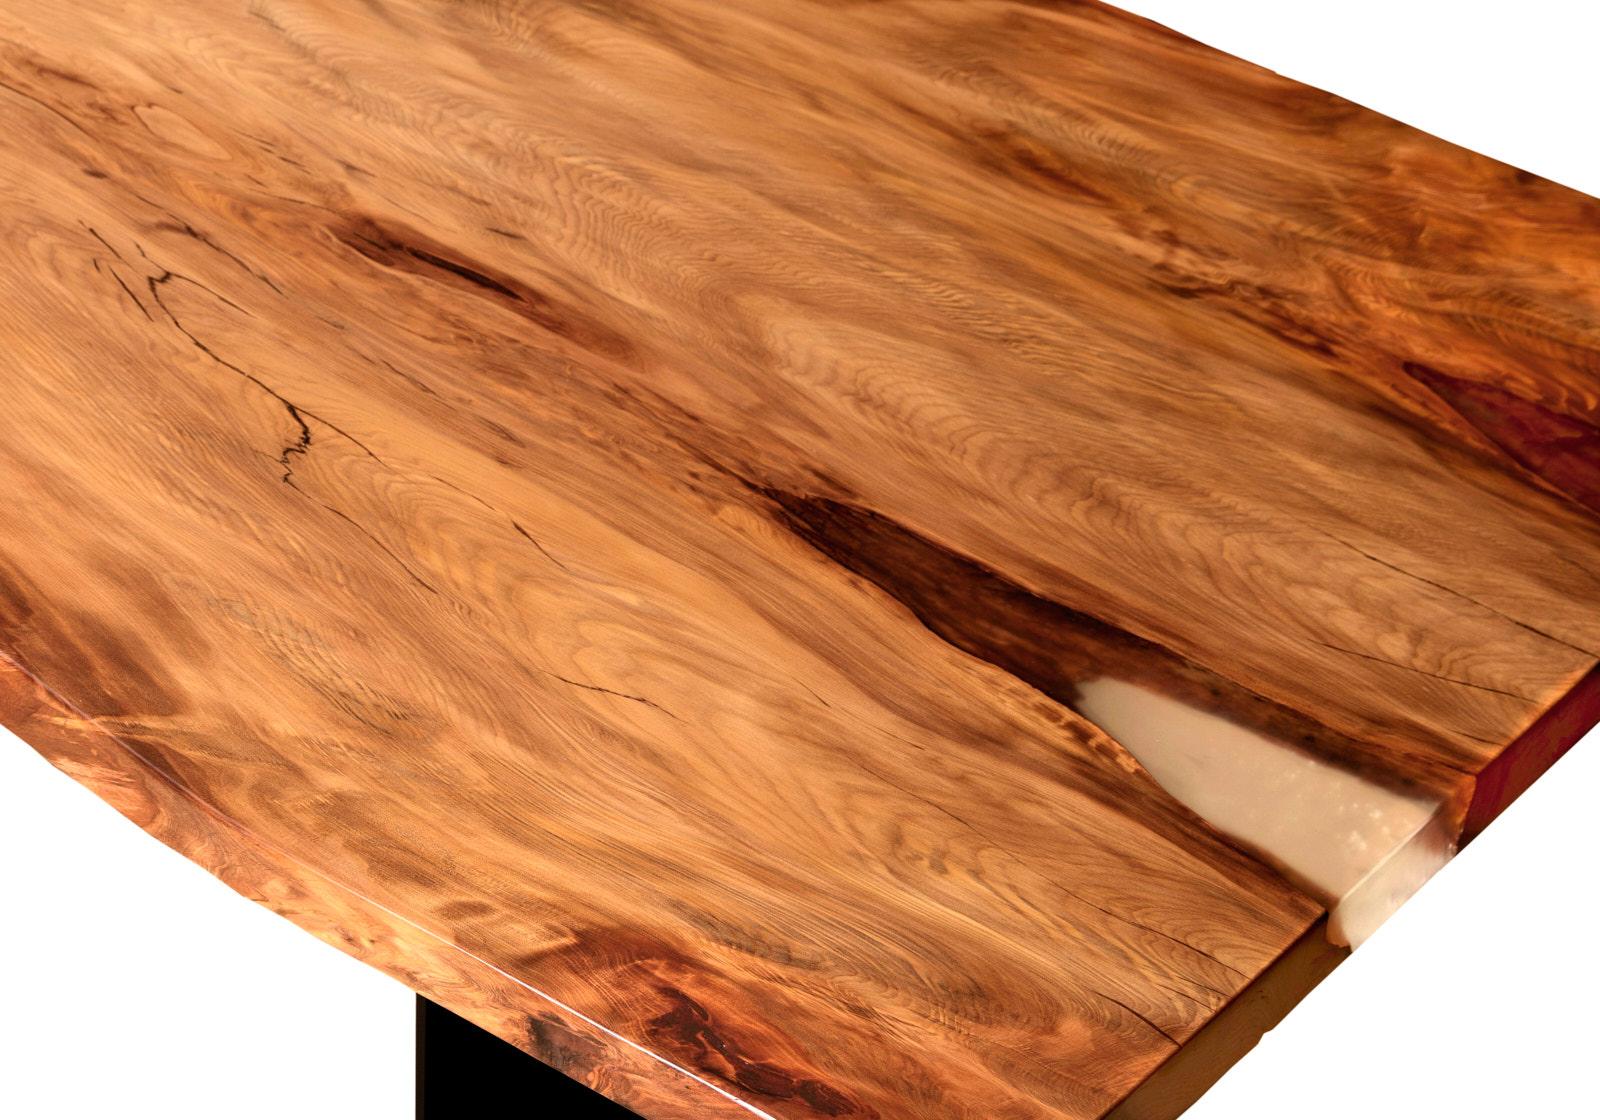 Kunstvoller Baumstammtisch als einzigartiger Esstisch mit großer massiver Tischplatte vom Schreinermeister Michael Beaupoil